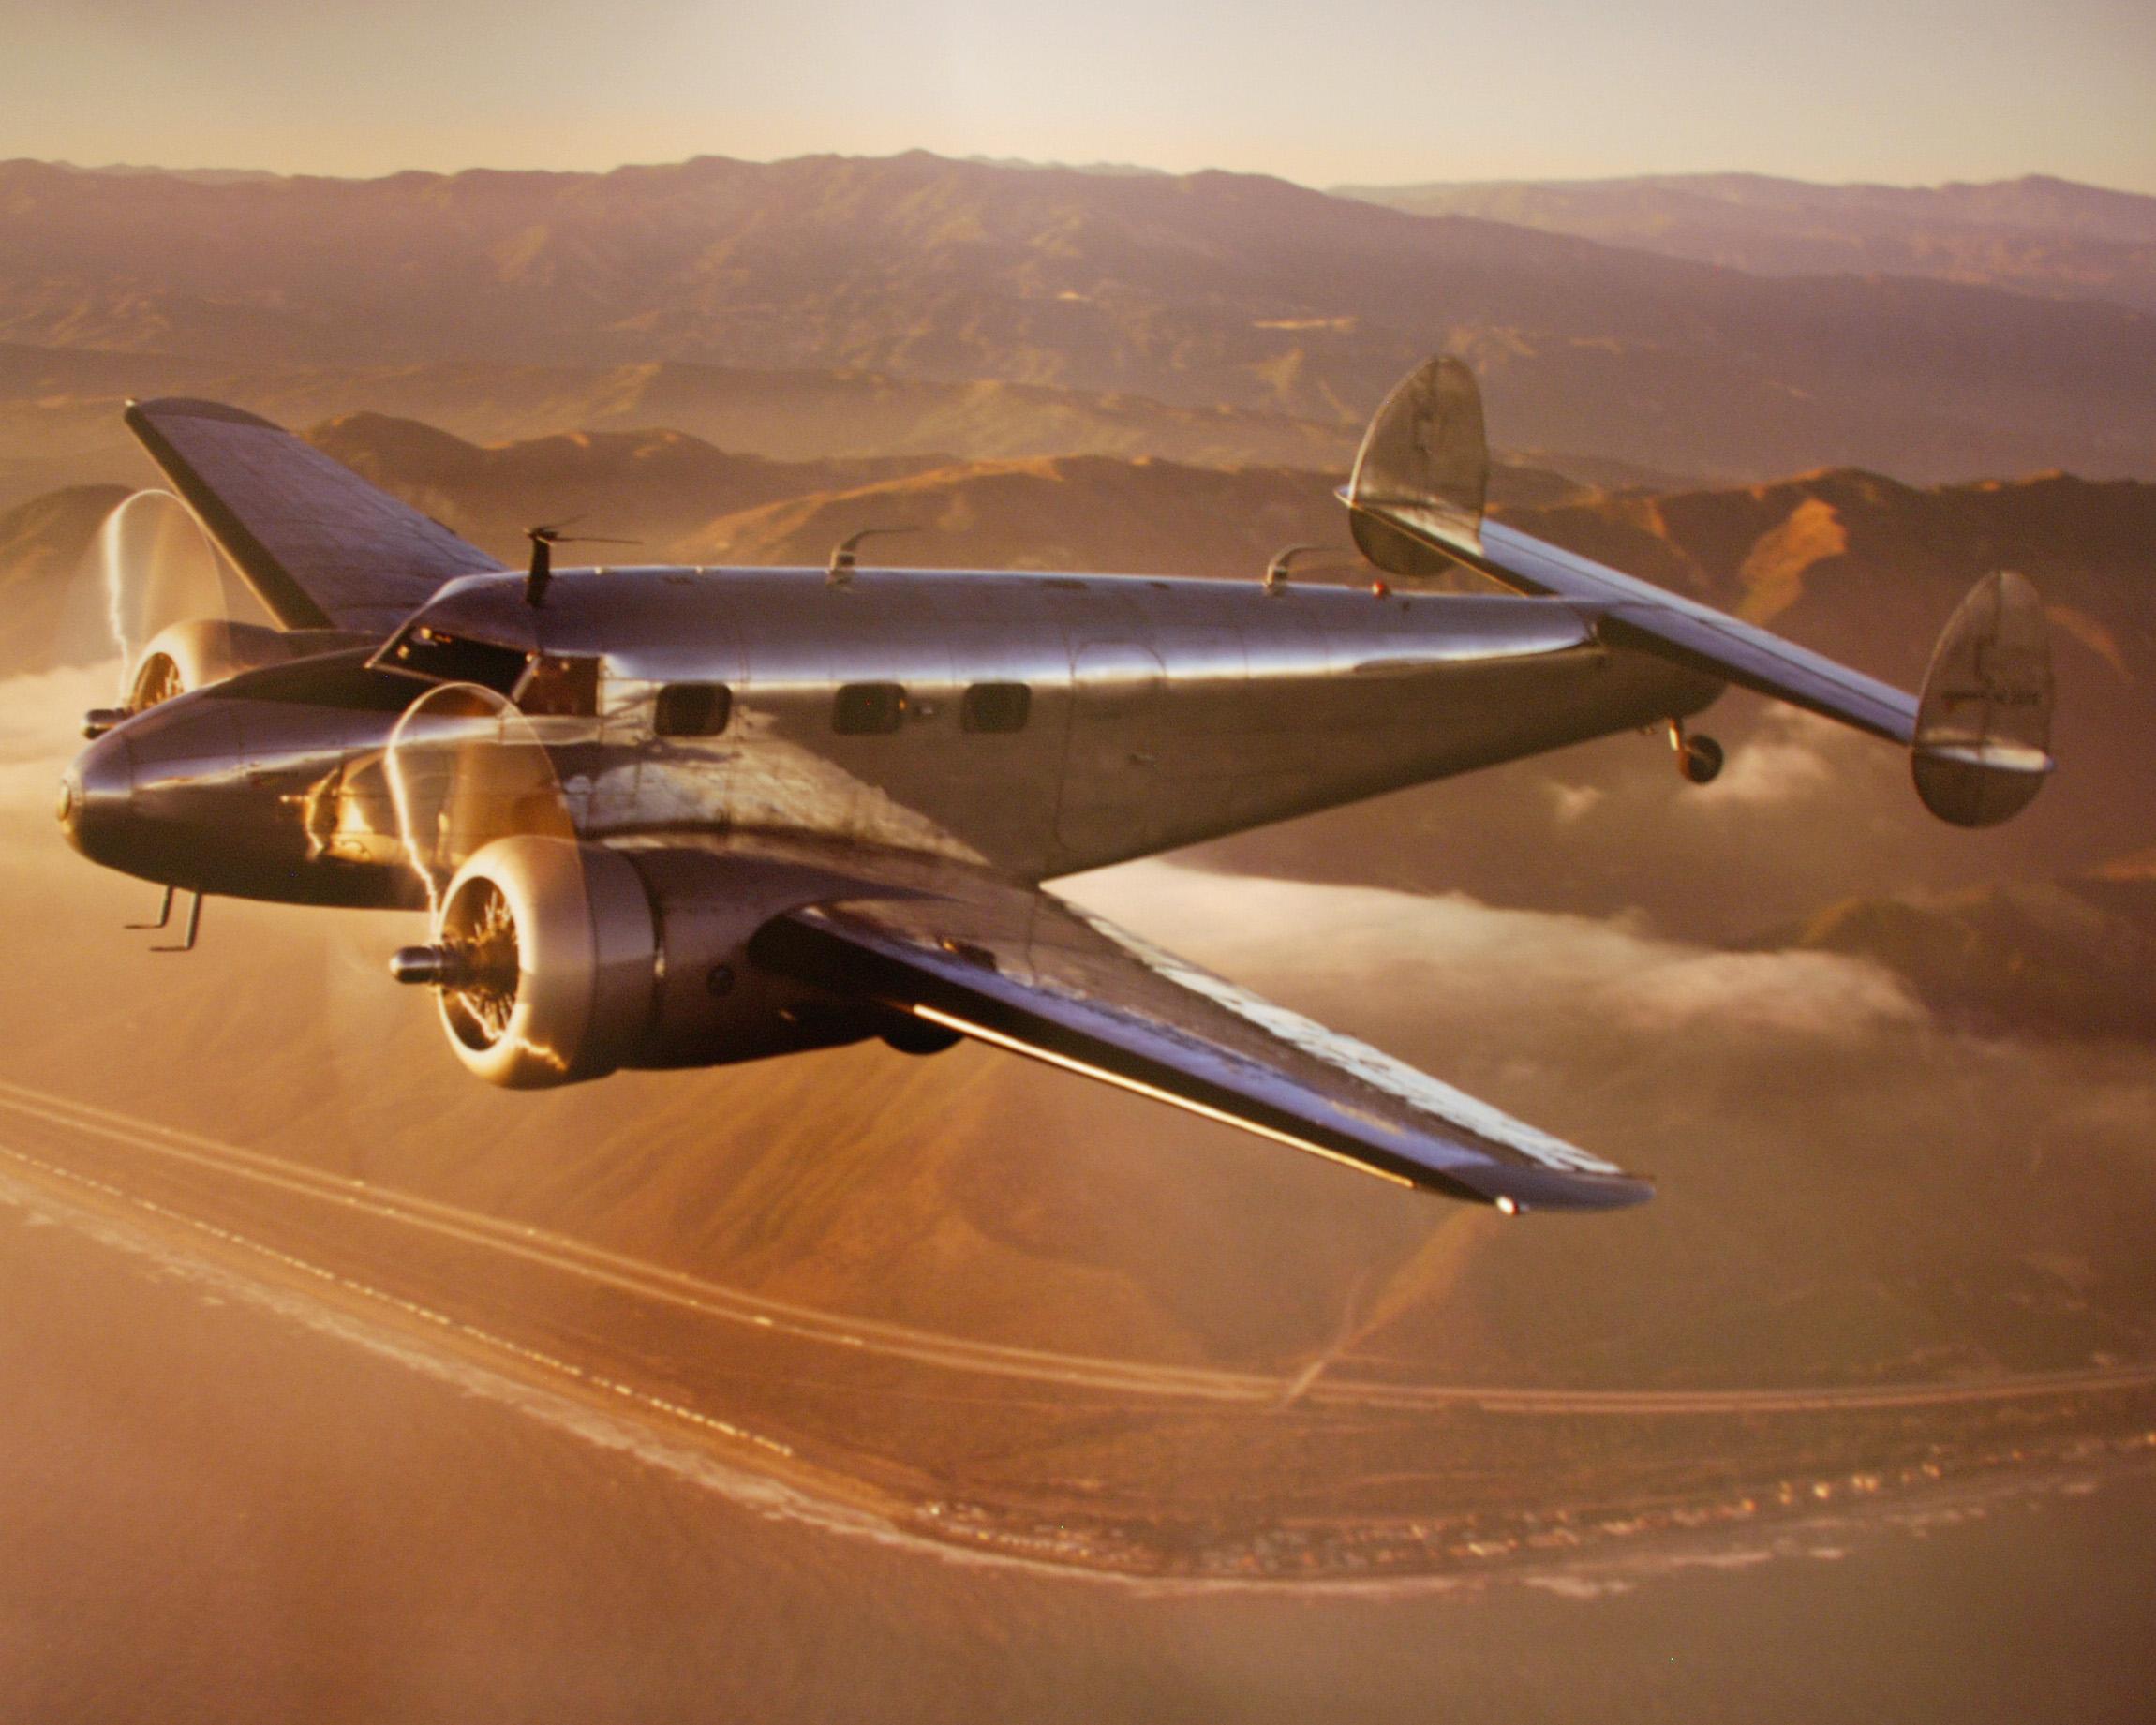 Lockheed L-12A Electra junior en vuelo. Aparte del fuseñlaje acortado, no había sensibles diferencias con el Electra original